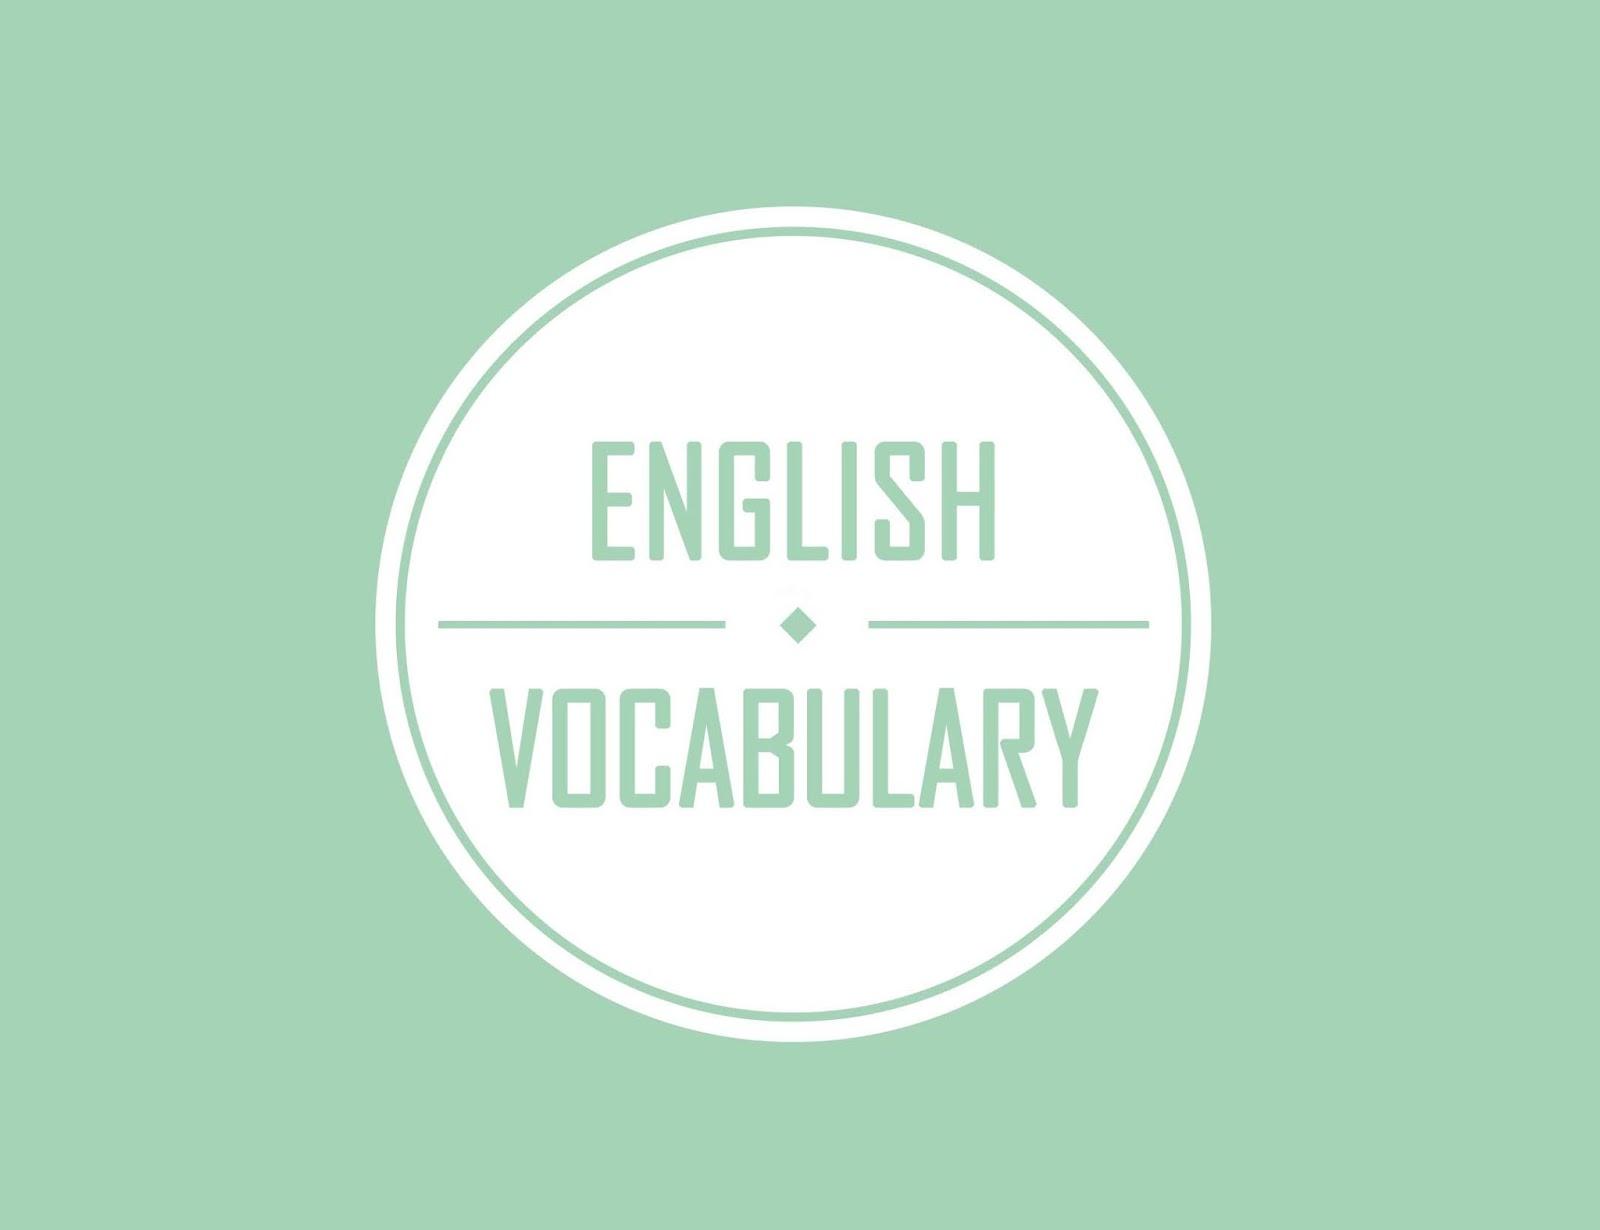 Planilha Para Aprender Vocabulário Em Inglês Mais Rápido Bruna